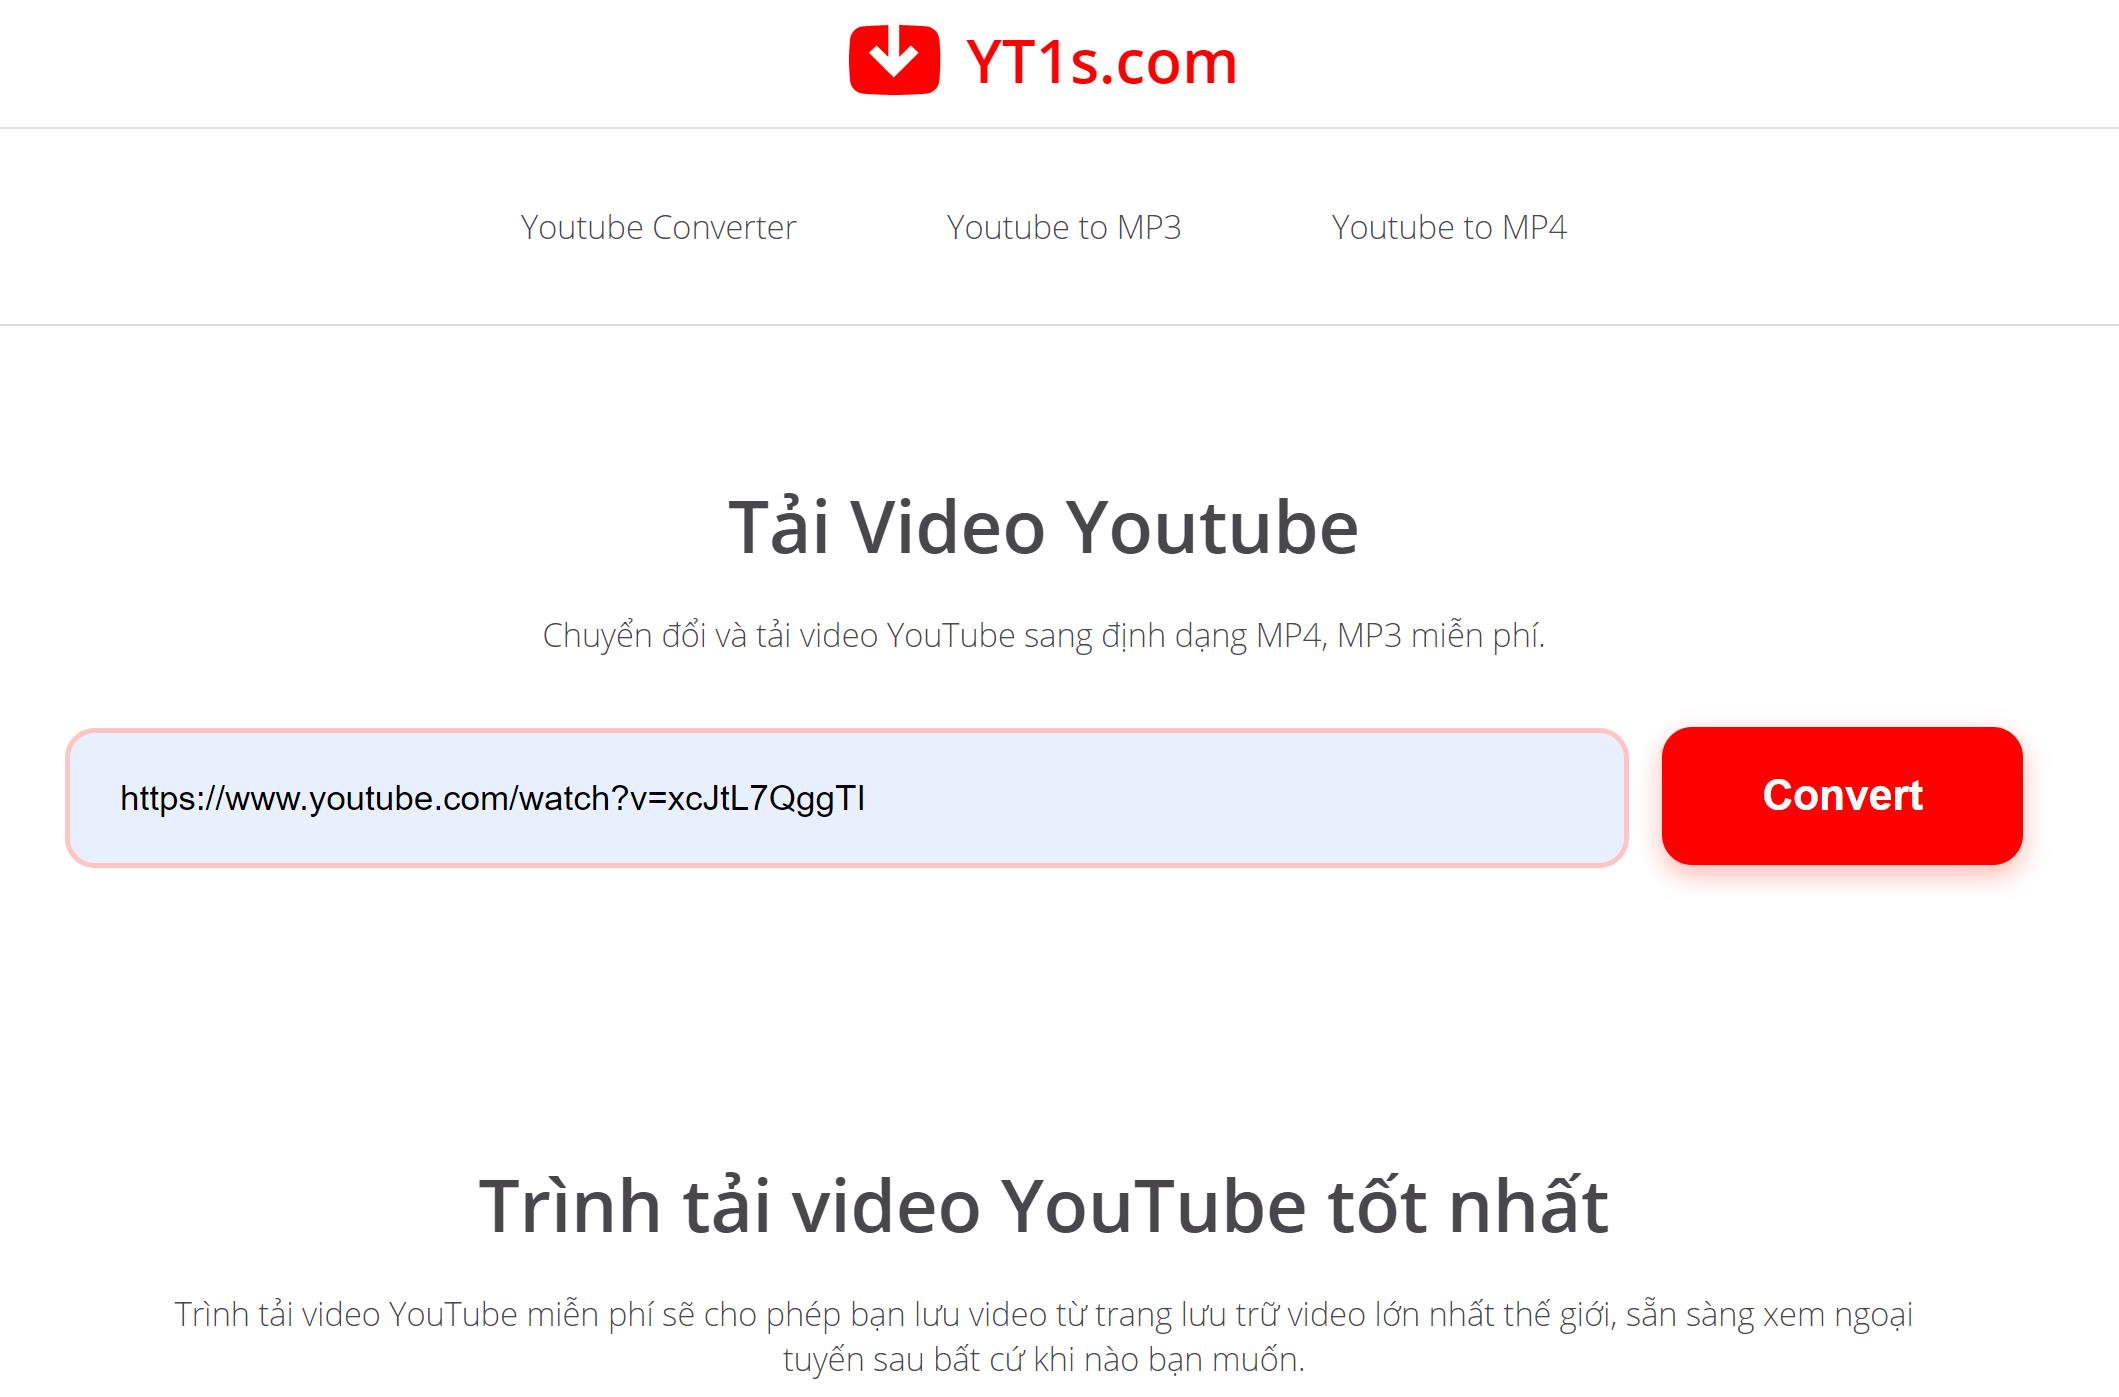 Nhập link video YouTube cần tải về vào hộp tìm kiếm và ấn Convert